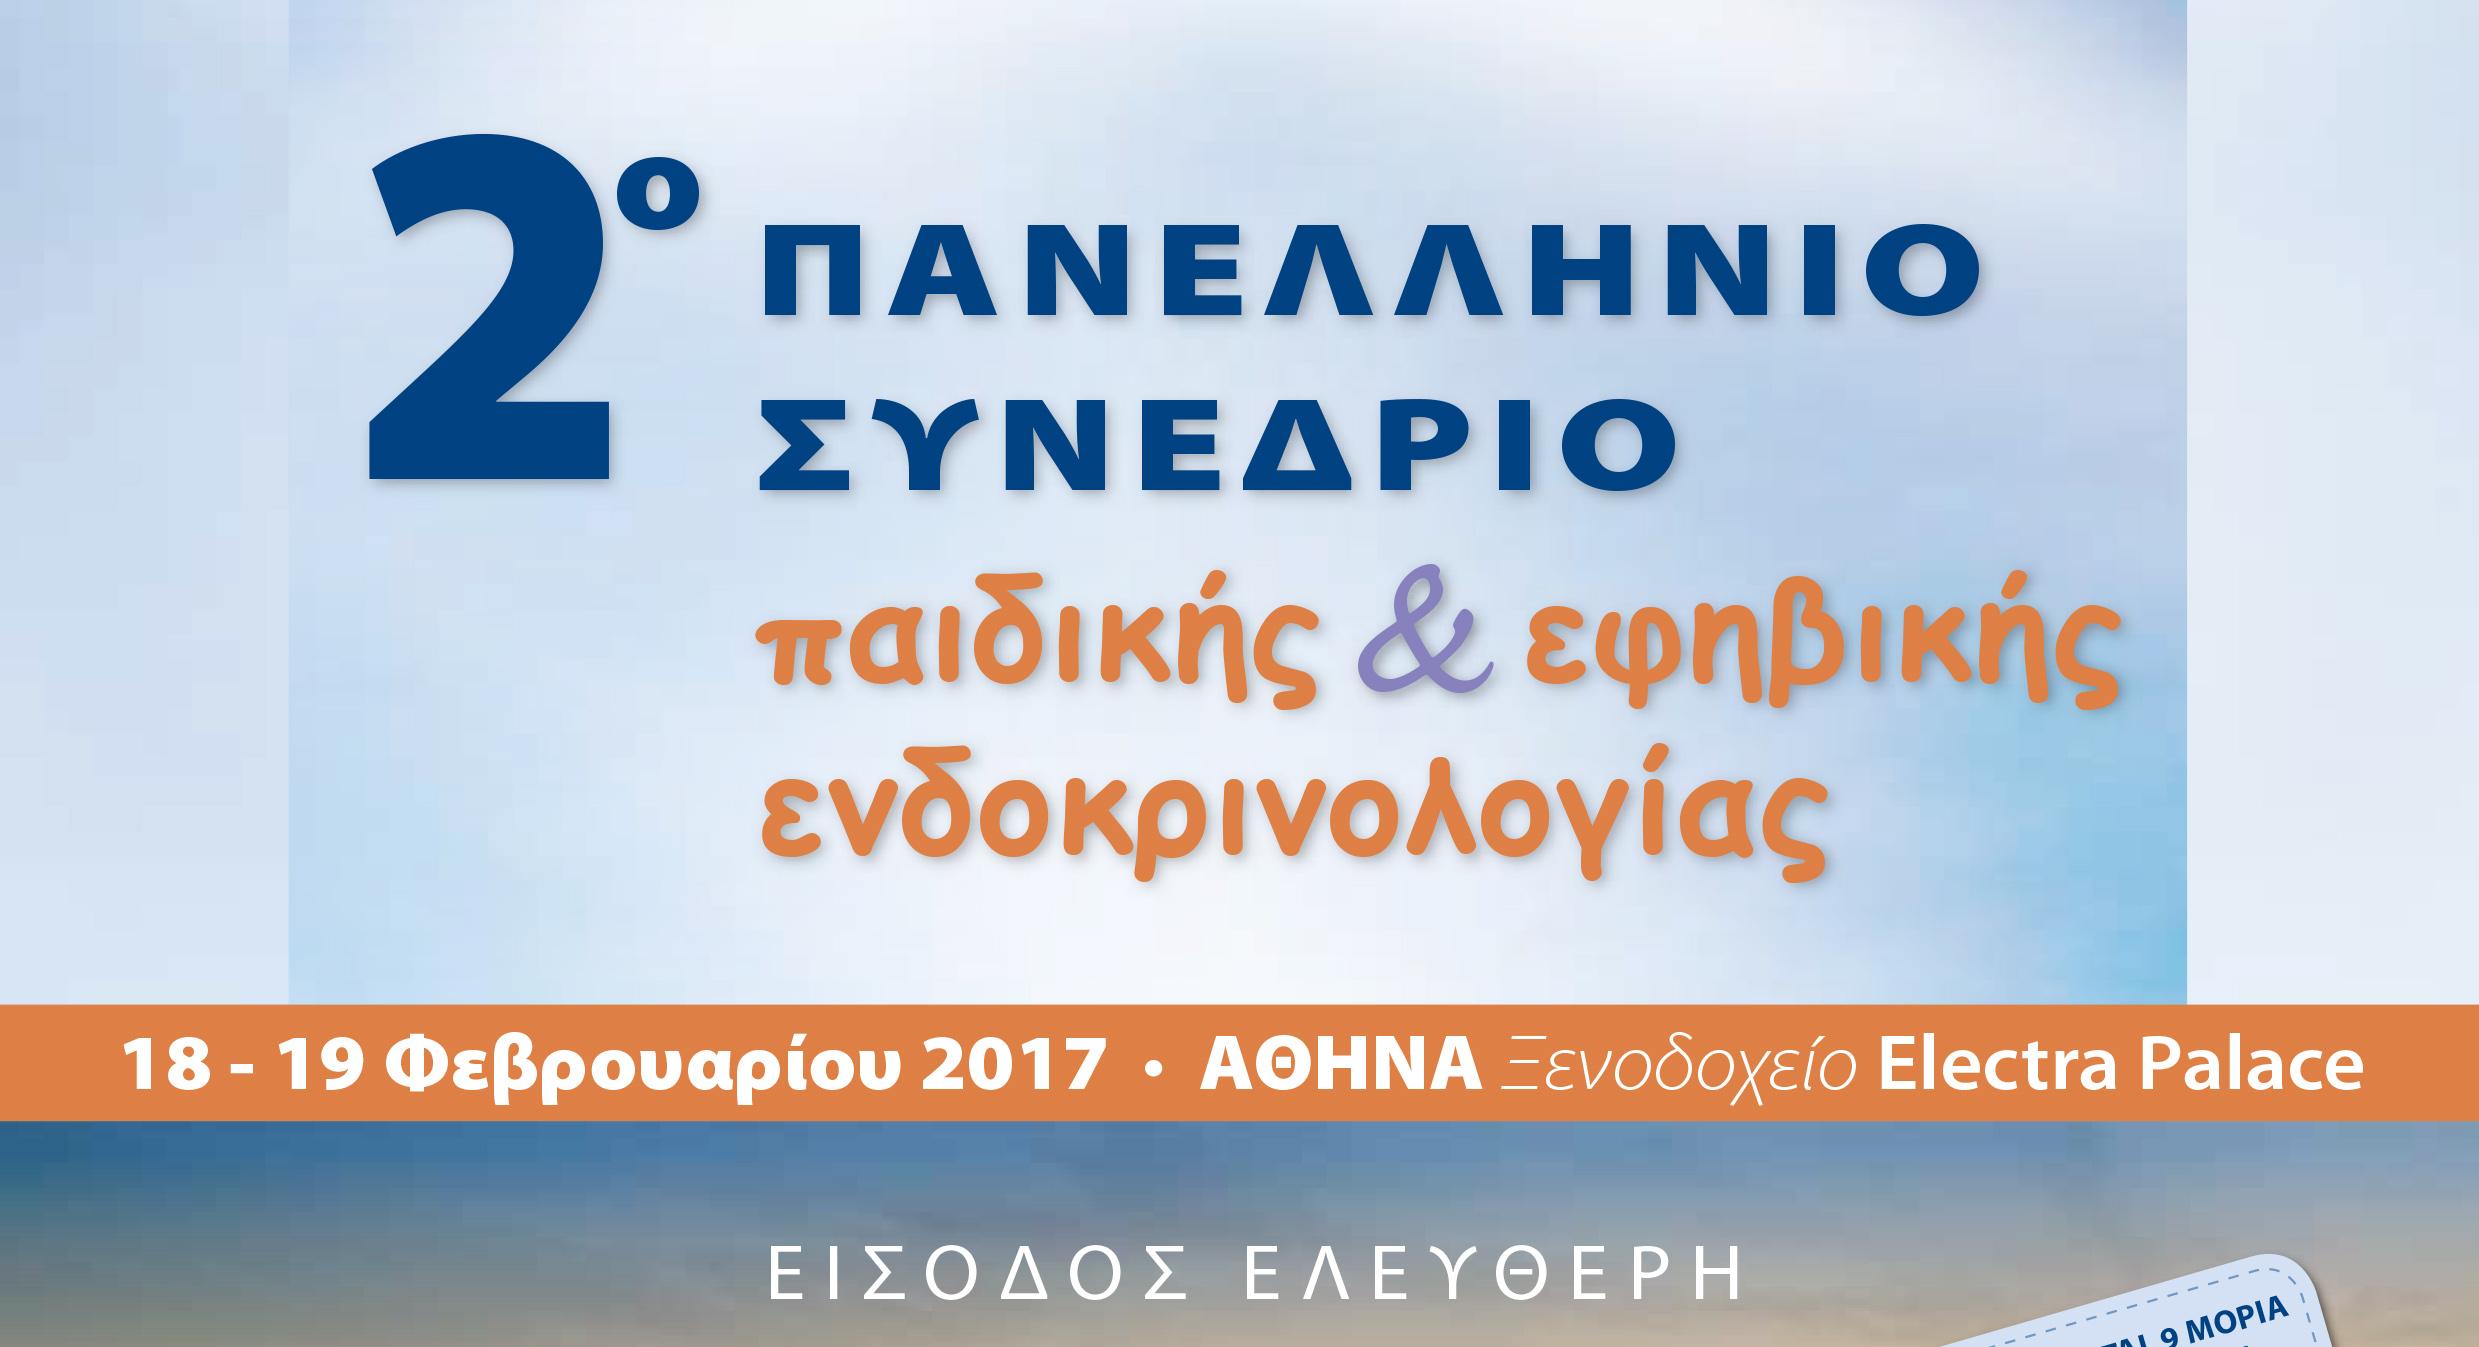 2ο Πανελλήνιο Συνέδριο Παιδικής & Εφηβικής Ενδοκρινολογίας